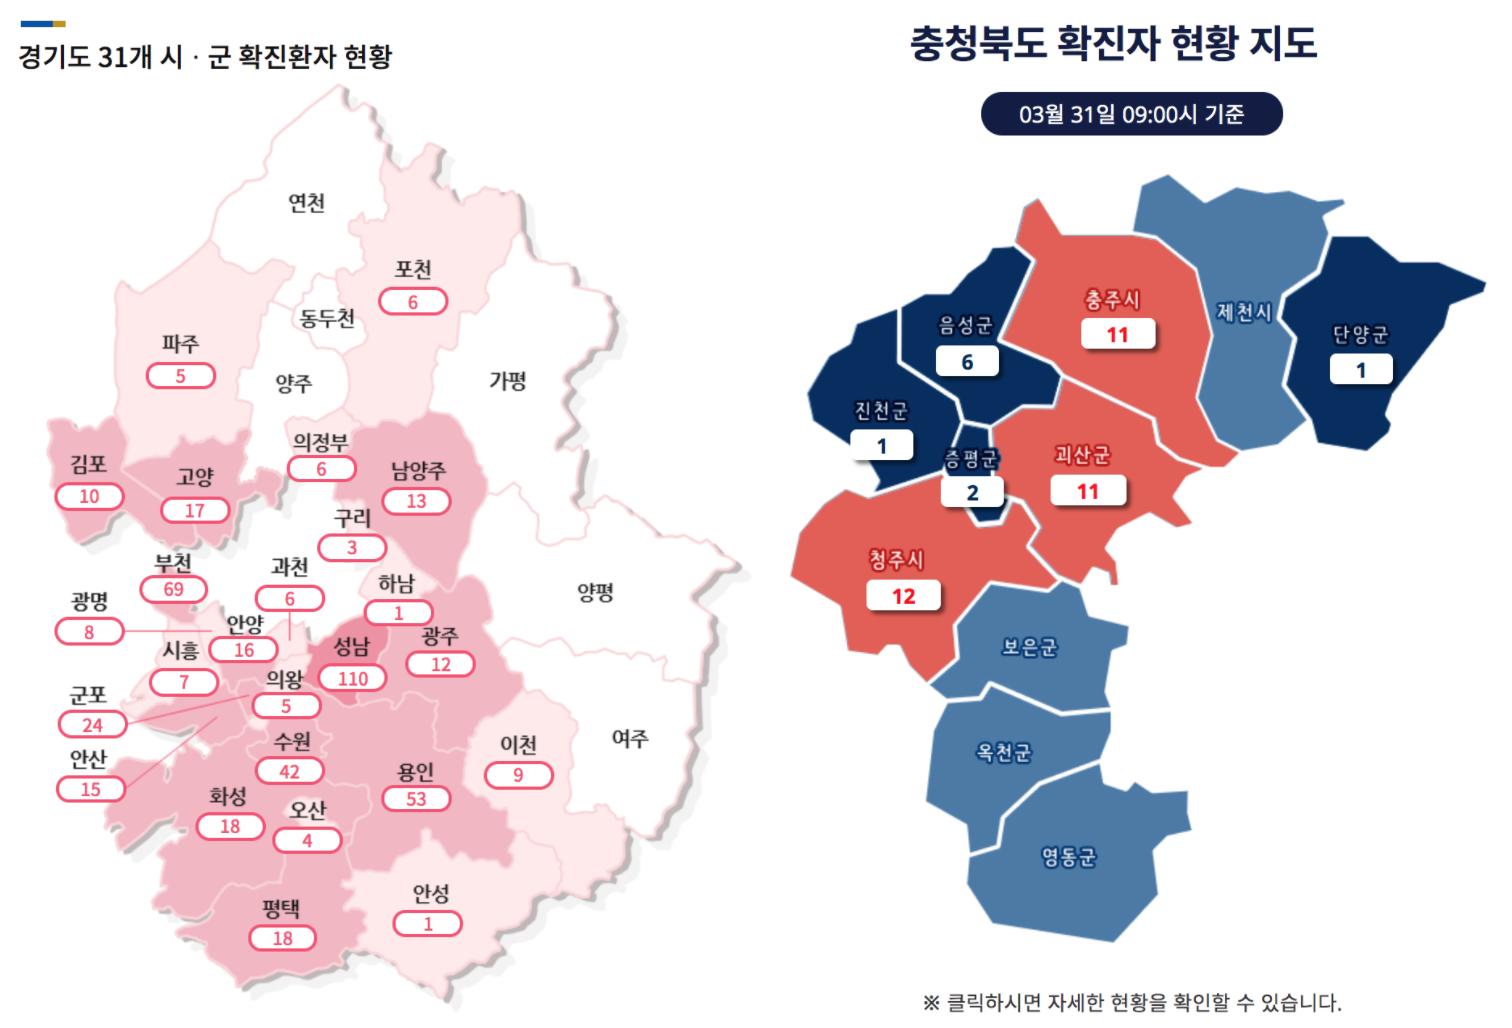 * 출처 : 경기도, 충청북도